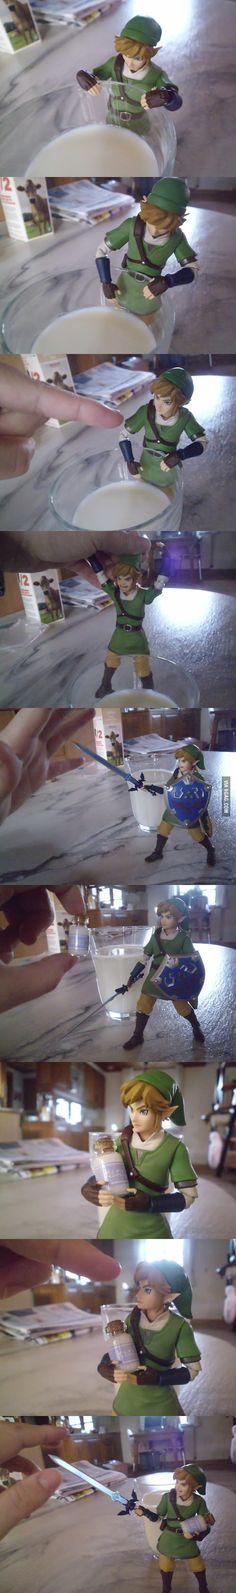 No te metas con Link